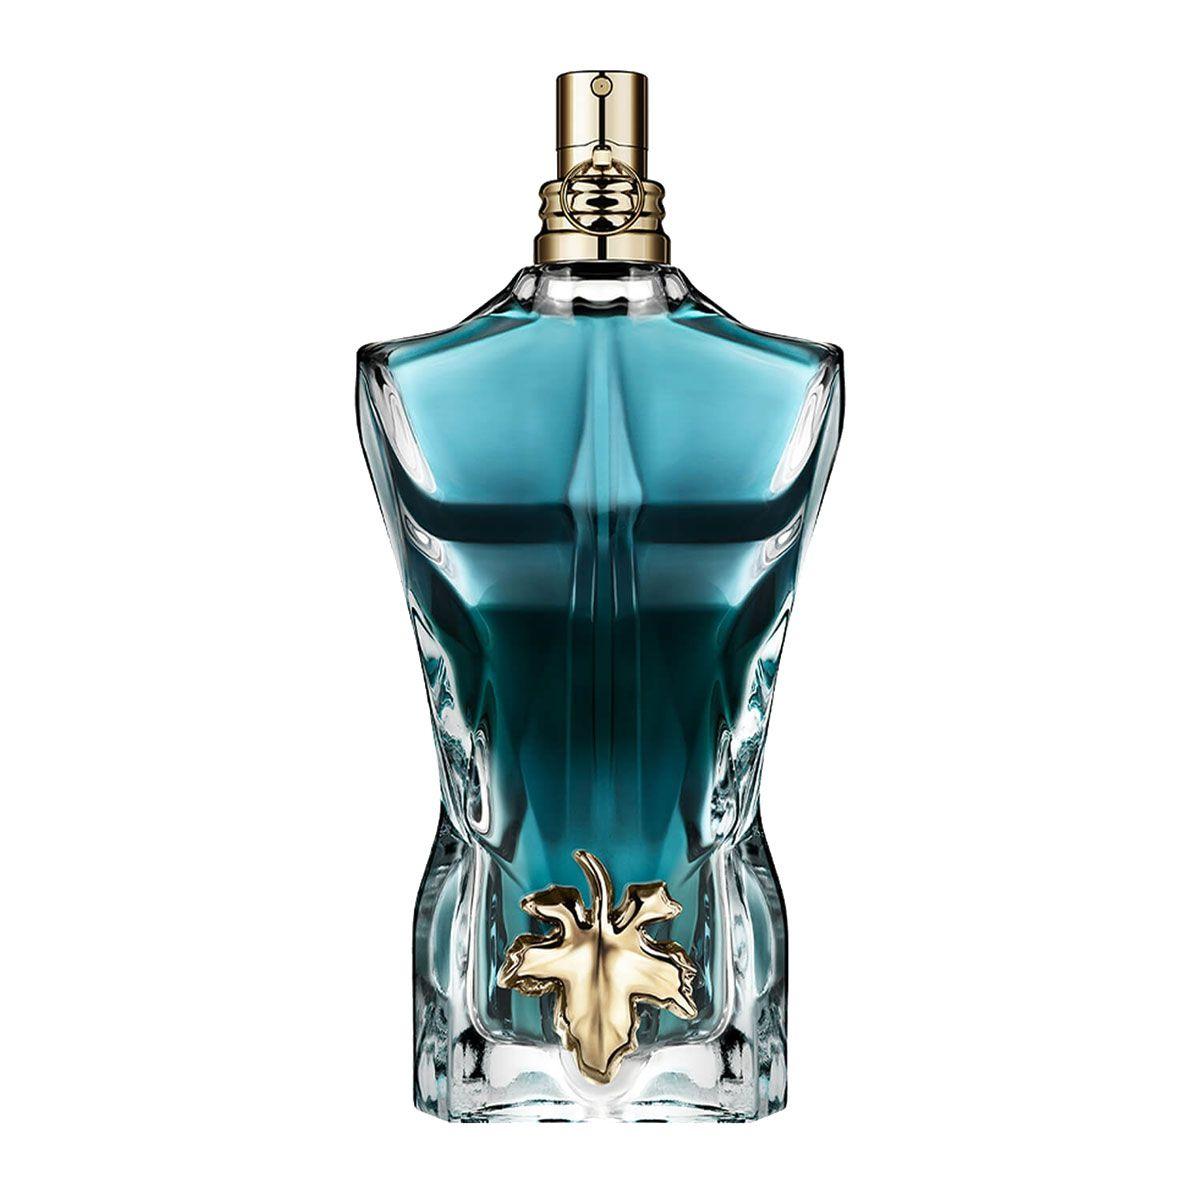 Le Beau - Jean Paul Gaultier Eau de Toilette - Perfume Masculino